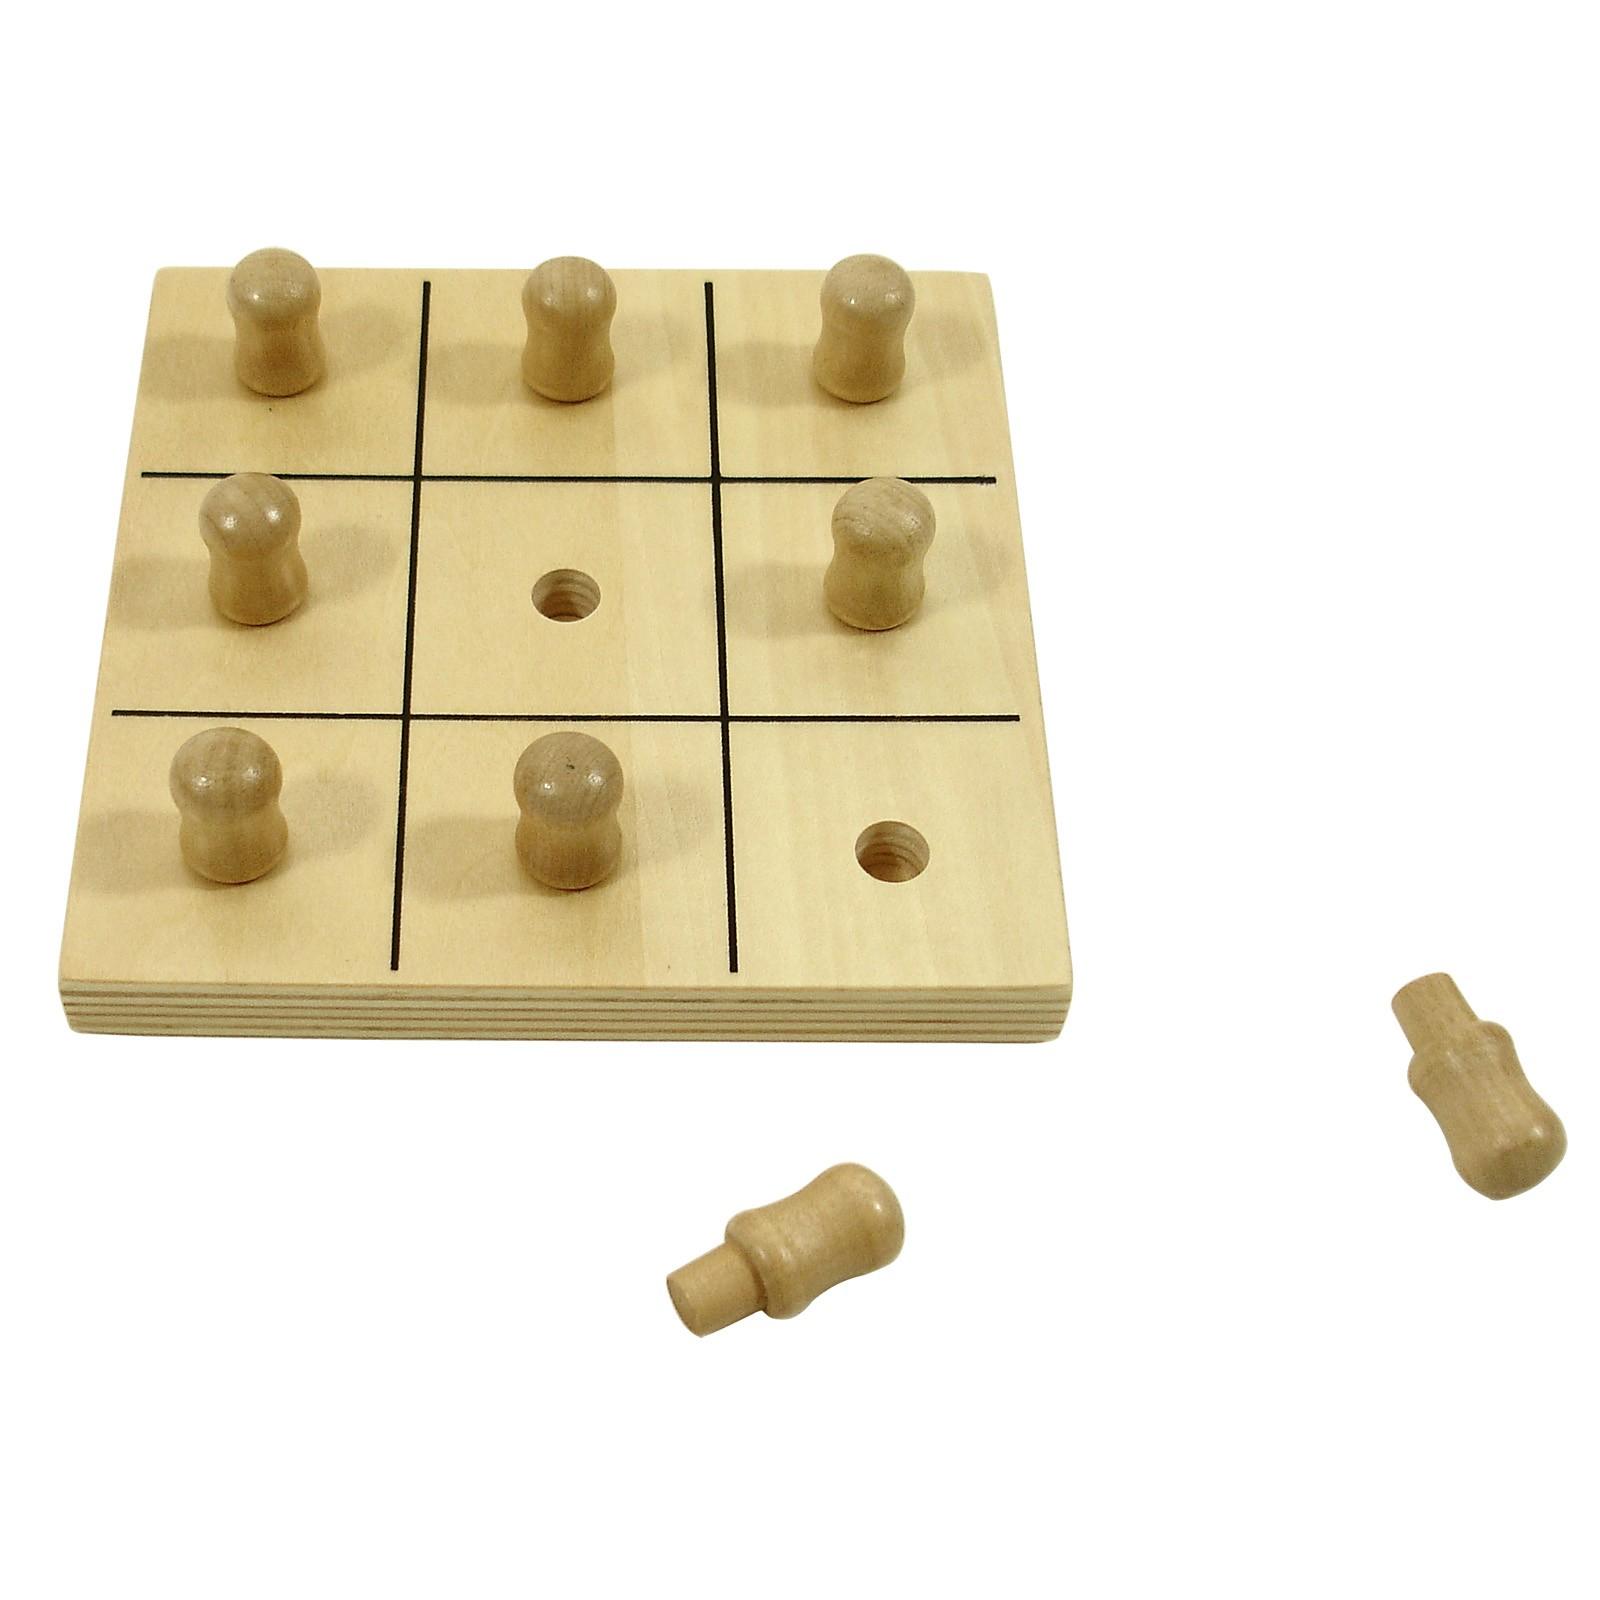 Kolíčky s deskou (prstový úchop)